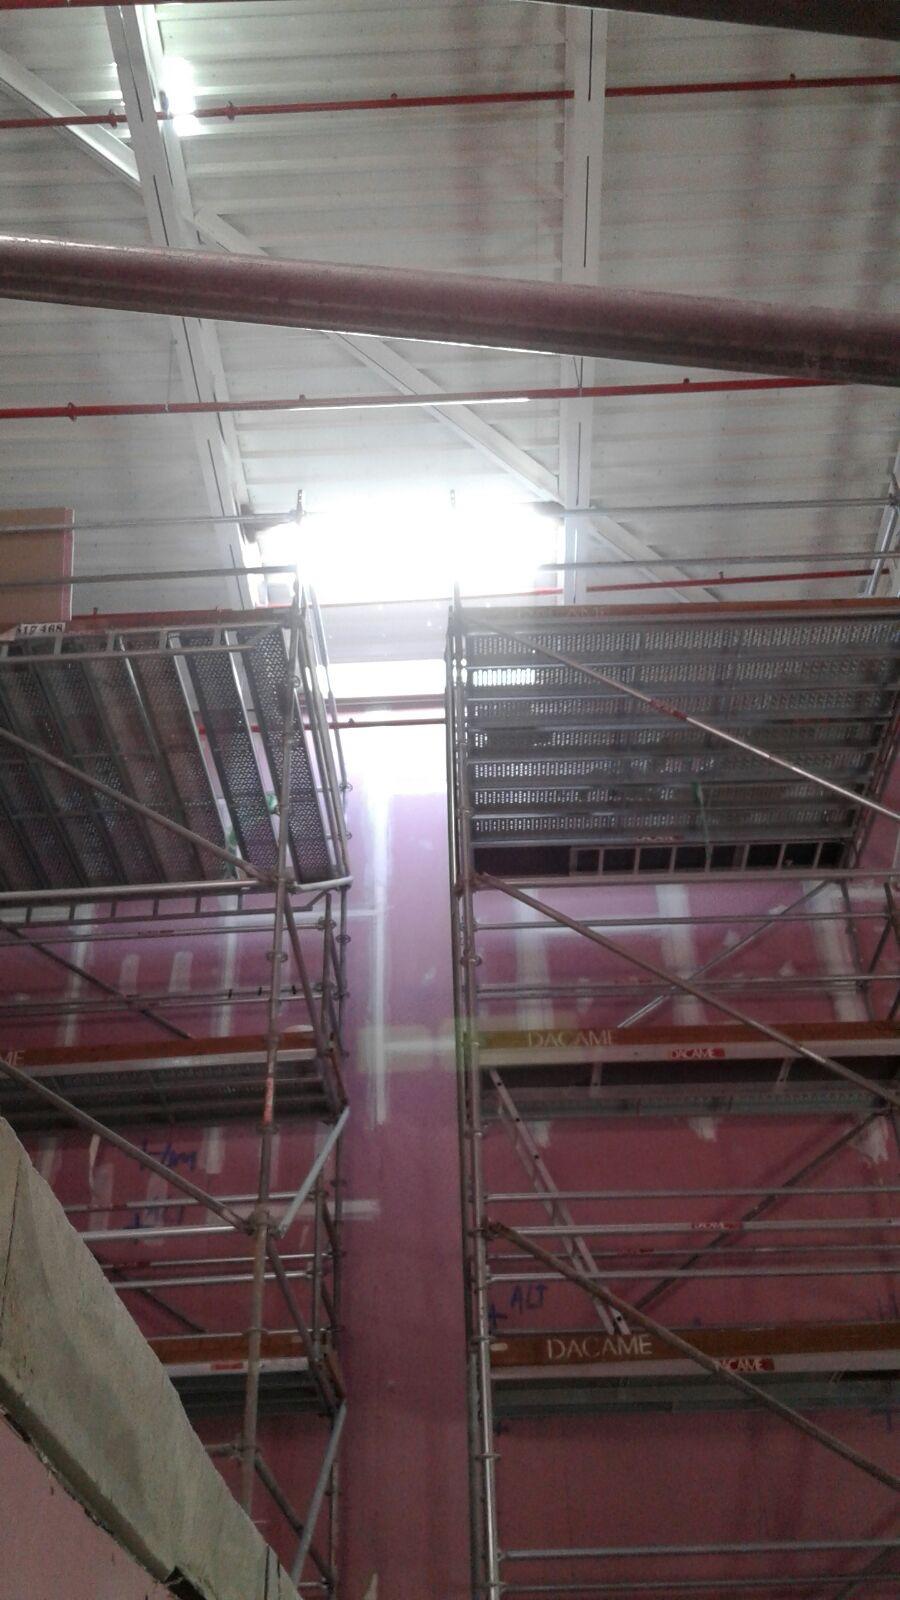 Opincan - Salas de cine Yelmo en el Centro Comercial Alisios - Obras 18